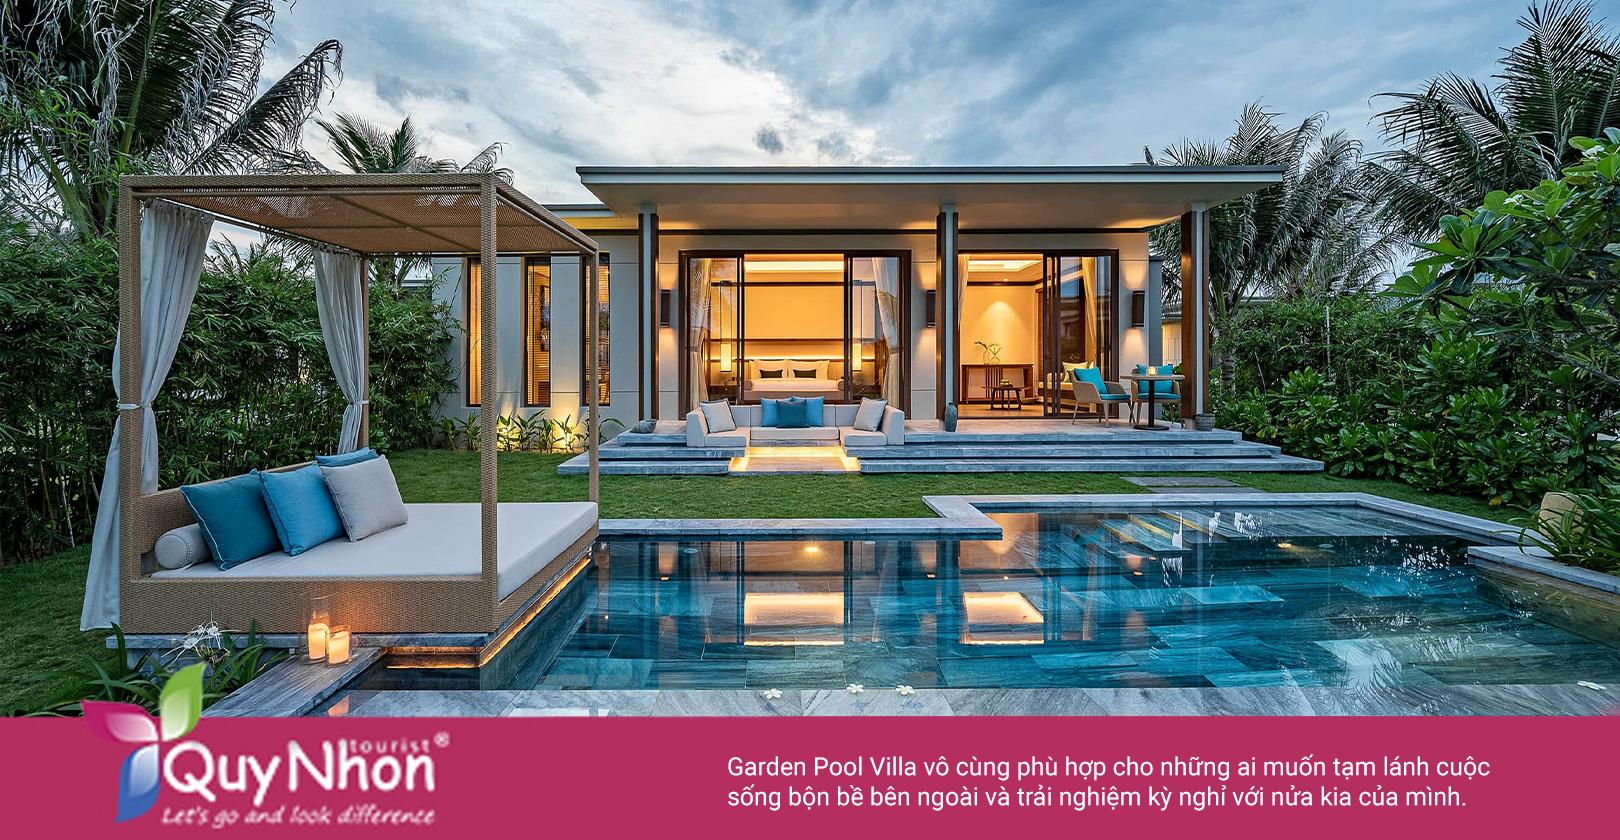 Garden Pool Villa - Ảnh: Maia